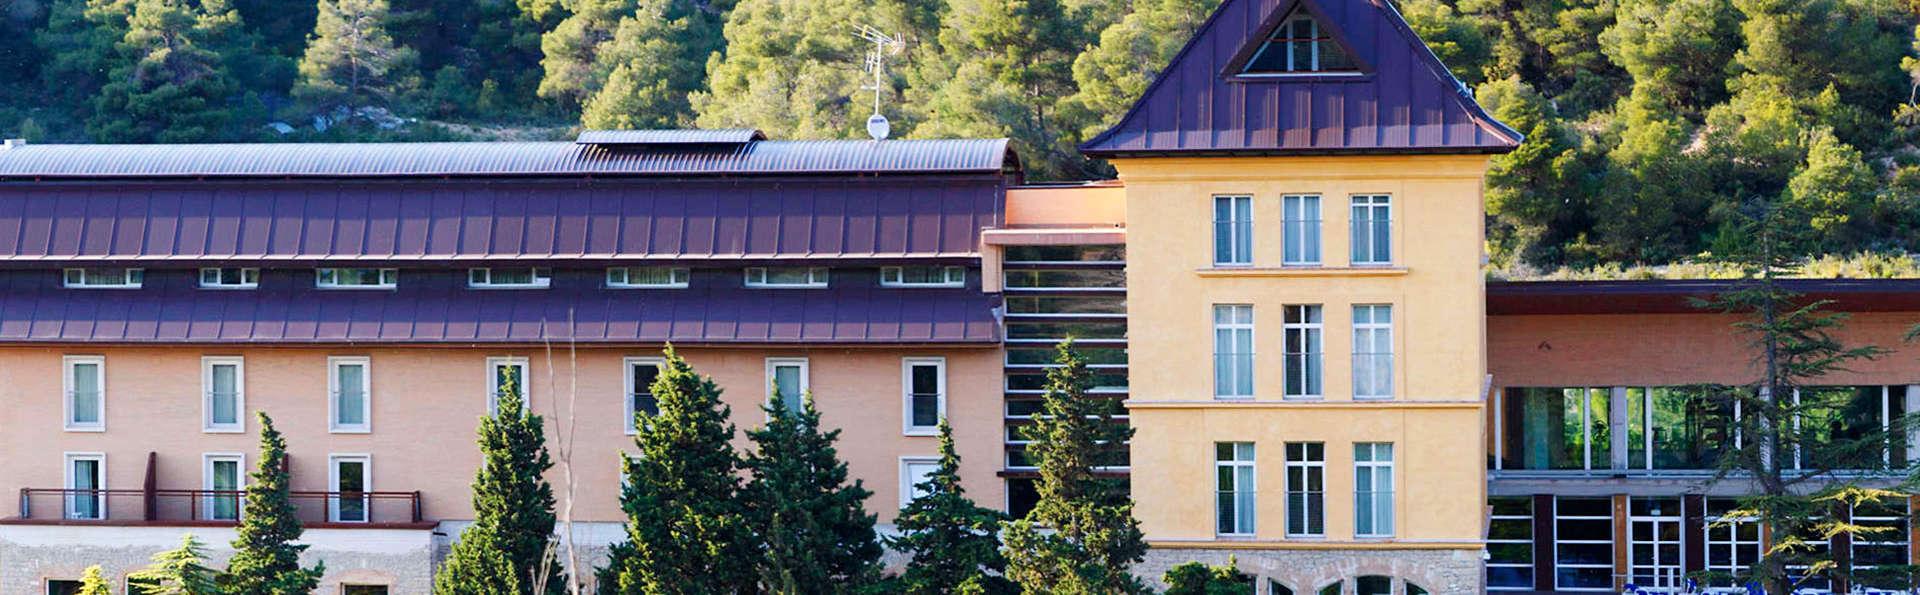 Balneario de Rocallaura - EDIT_front.jpg